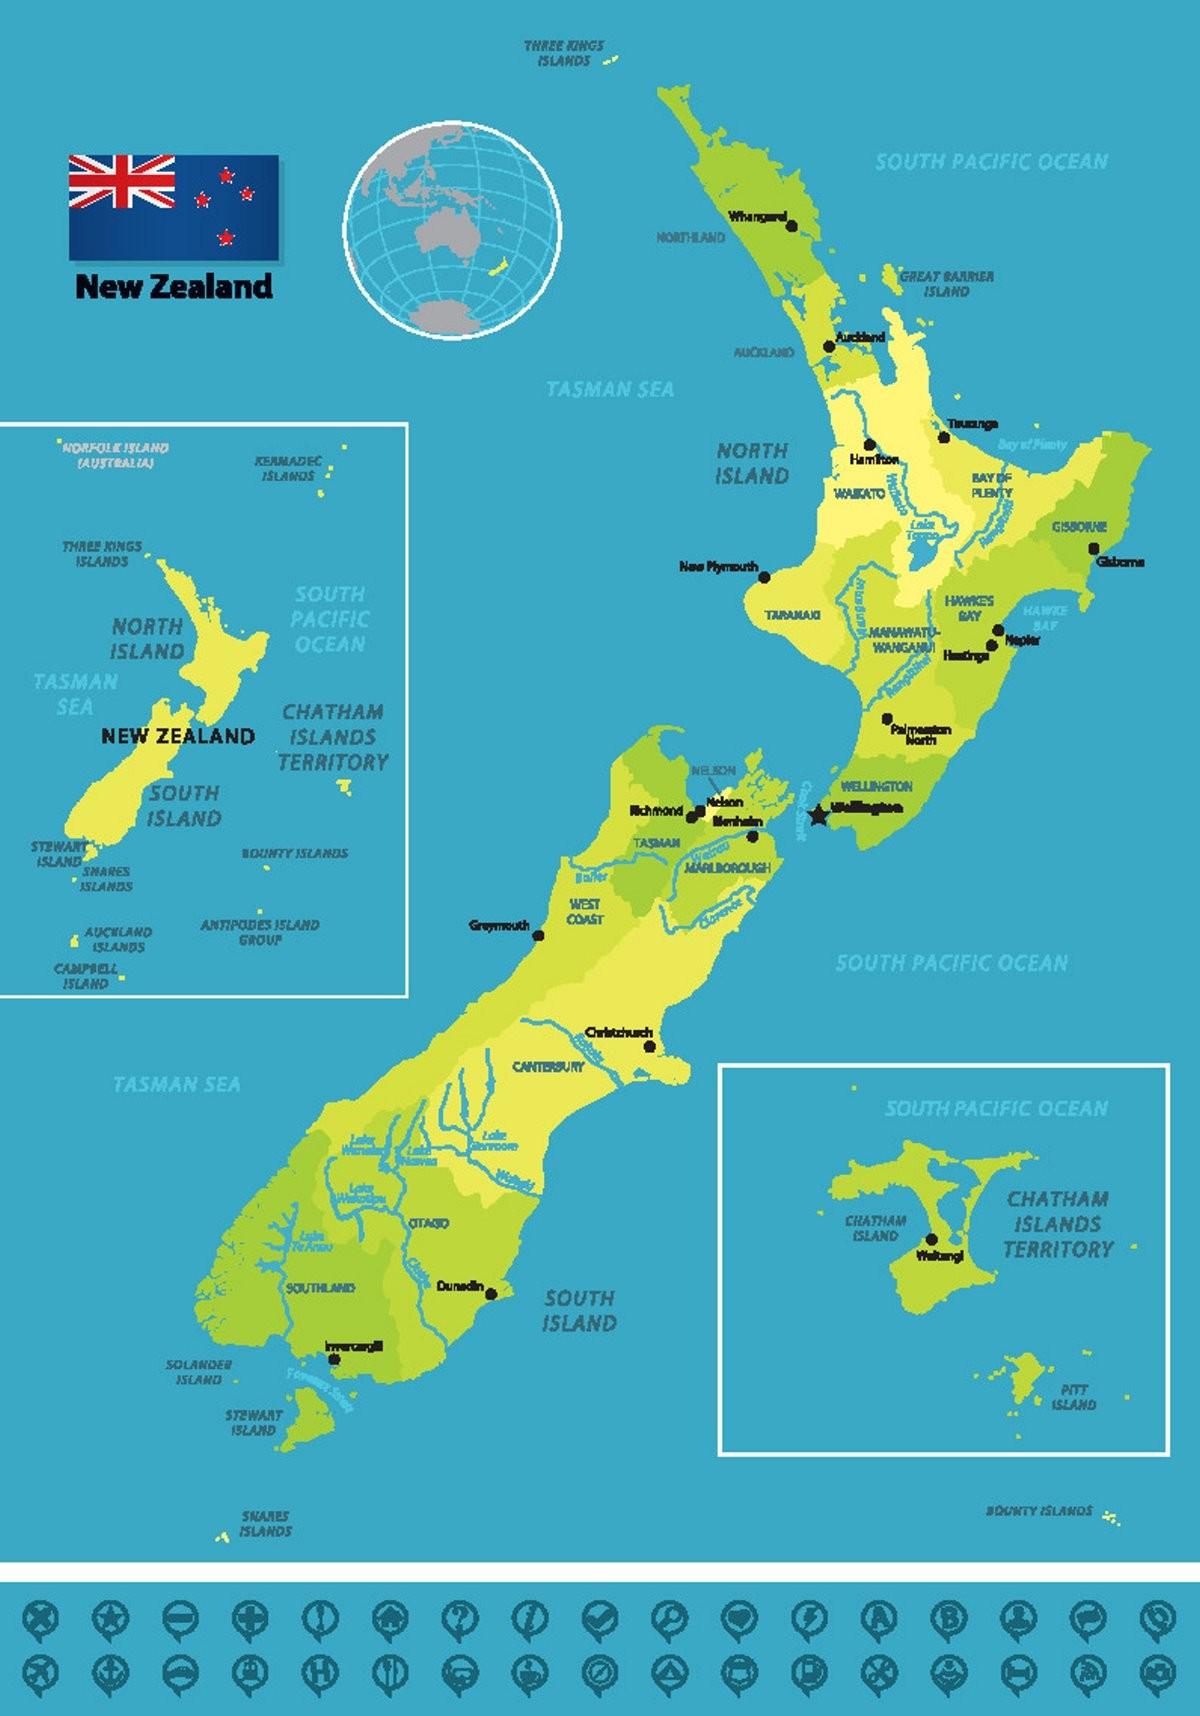 Νησιά Τσατάμ Νέα Ζηλανδία ο χάρτης του αρχιπελάγους